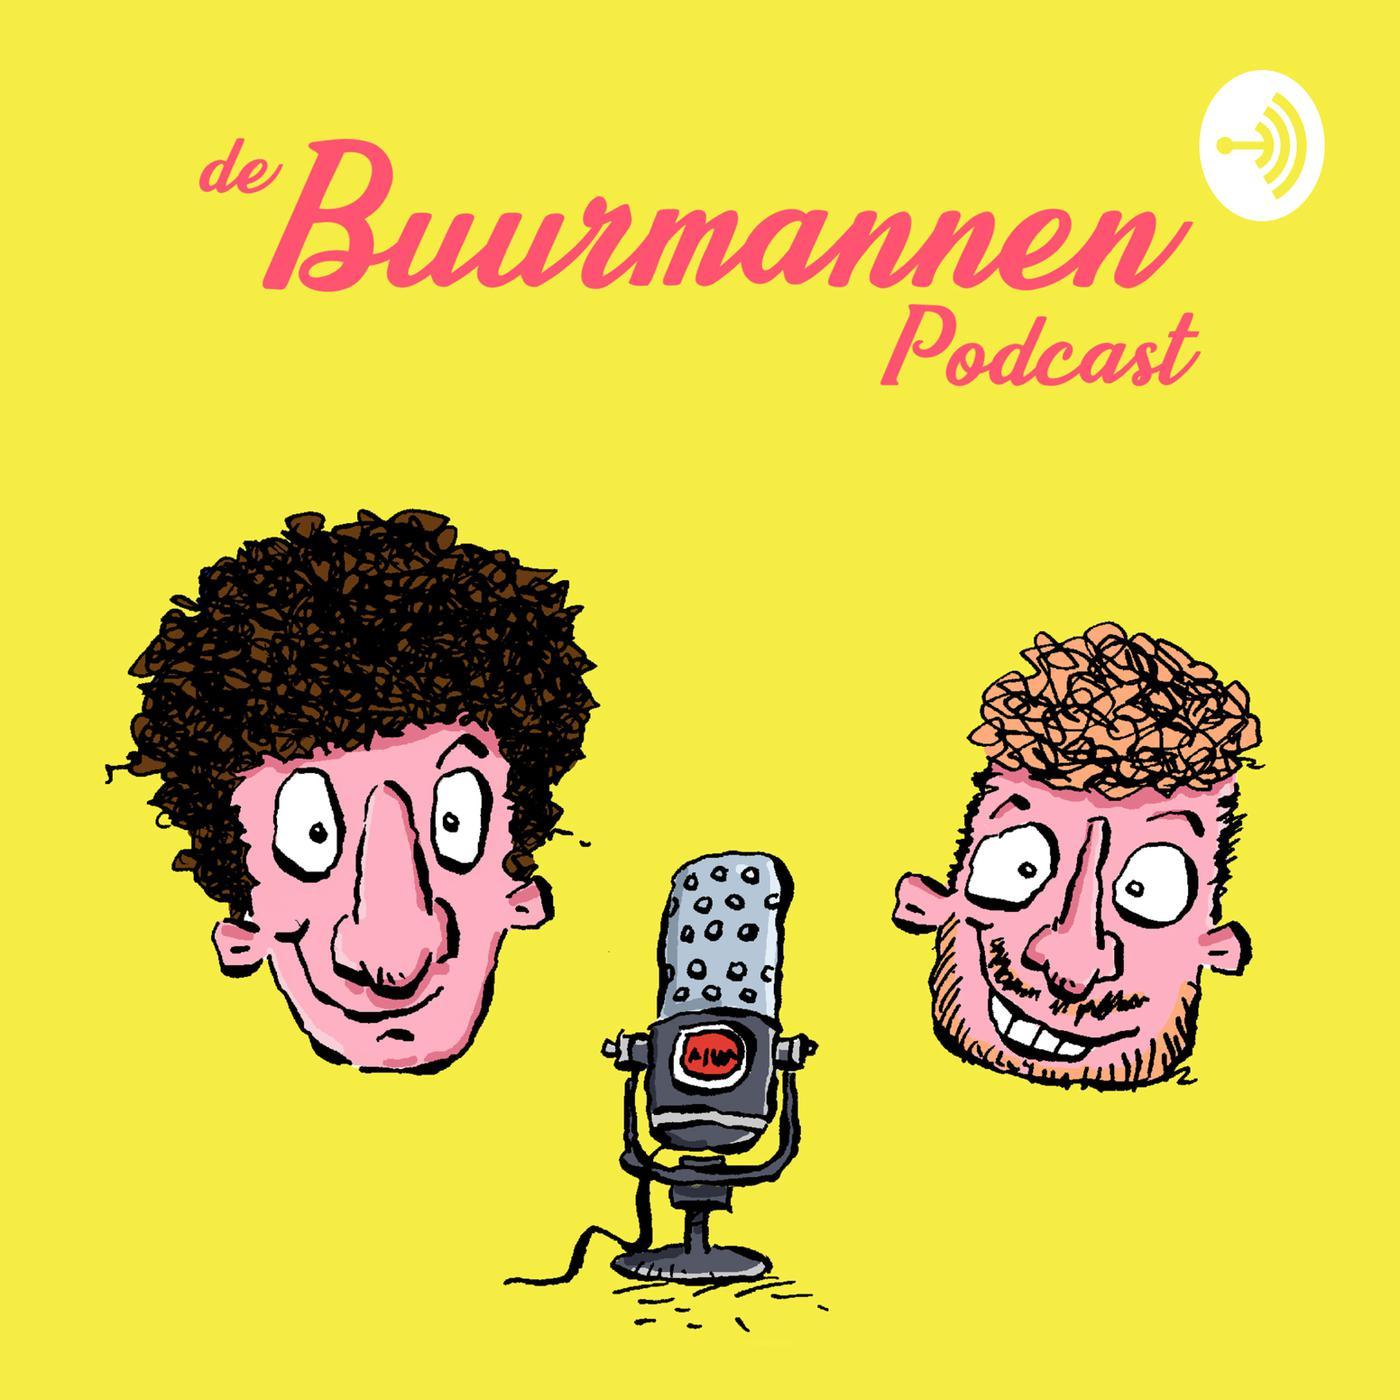 Hedendaags De Buurmannen Podcast - De Buurmannen Podcast | Listen Notes JQ-01